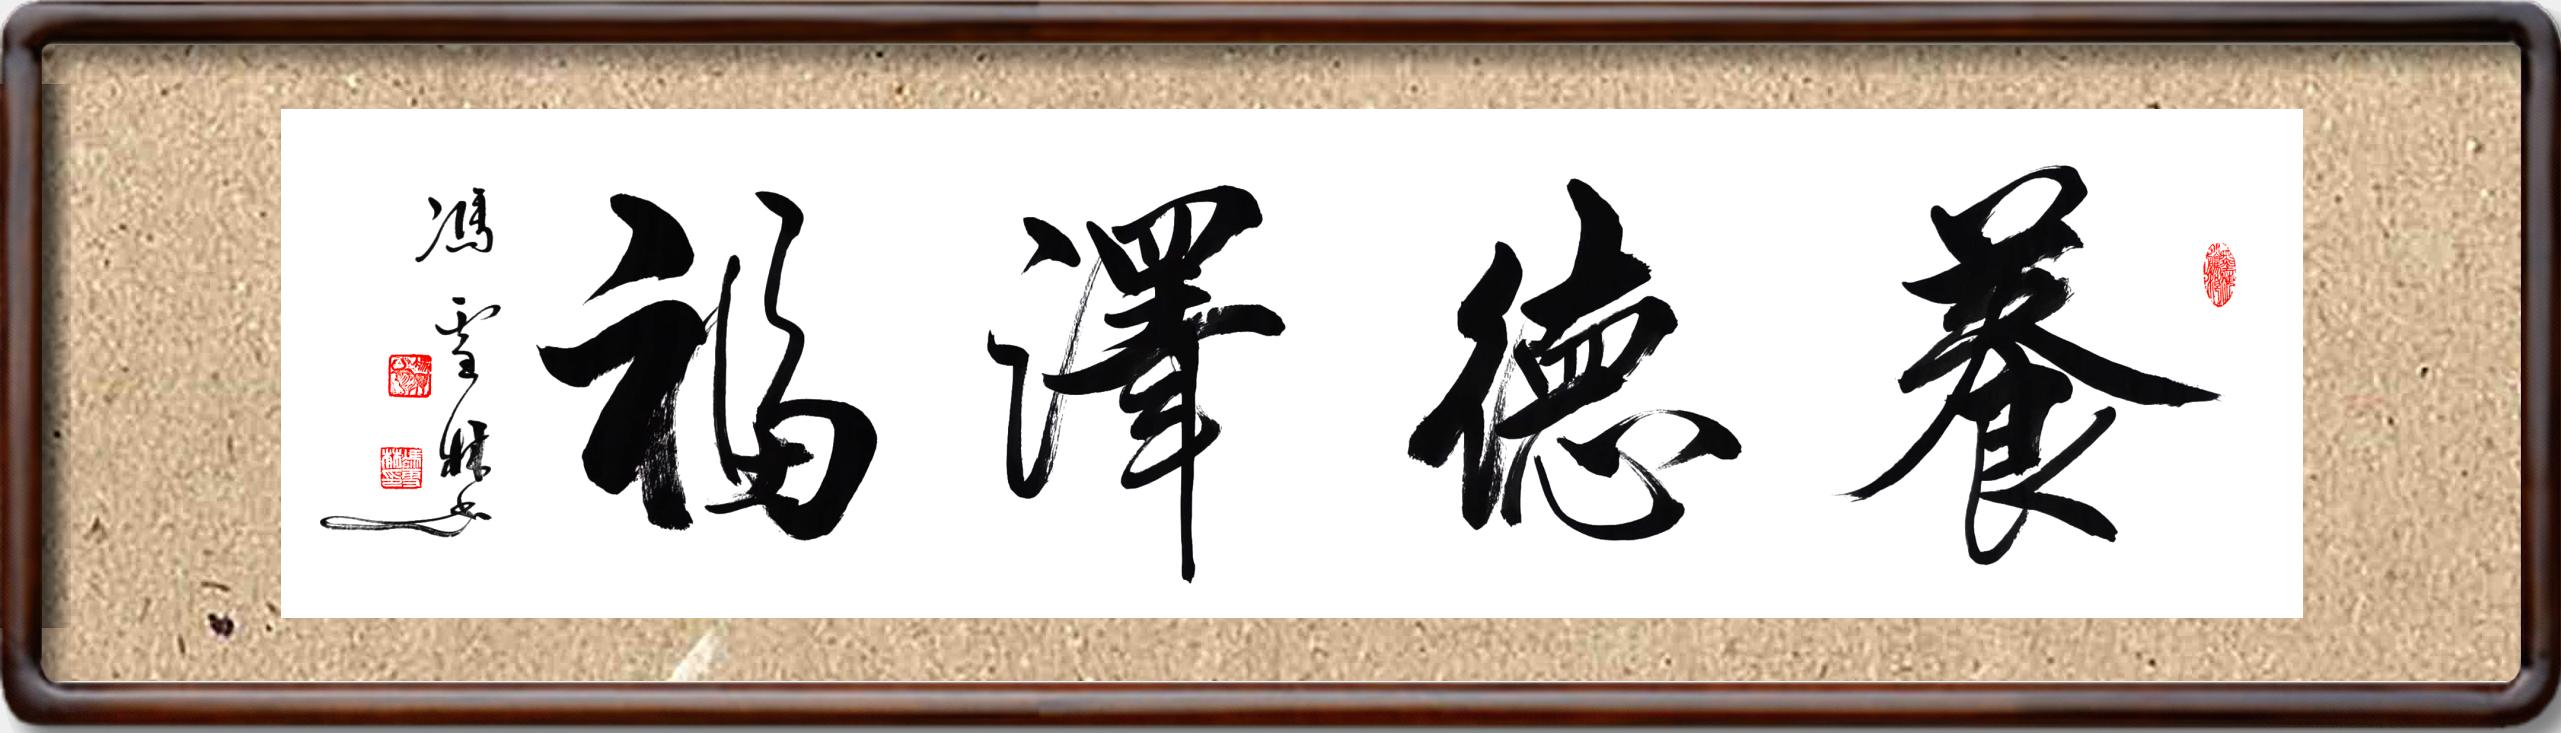 养德泽福书法图片